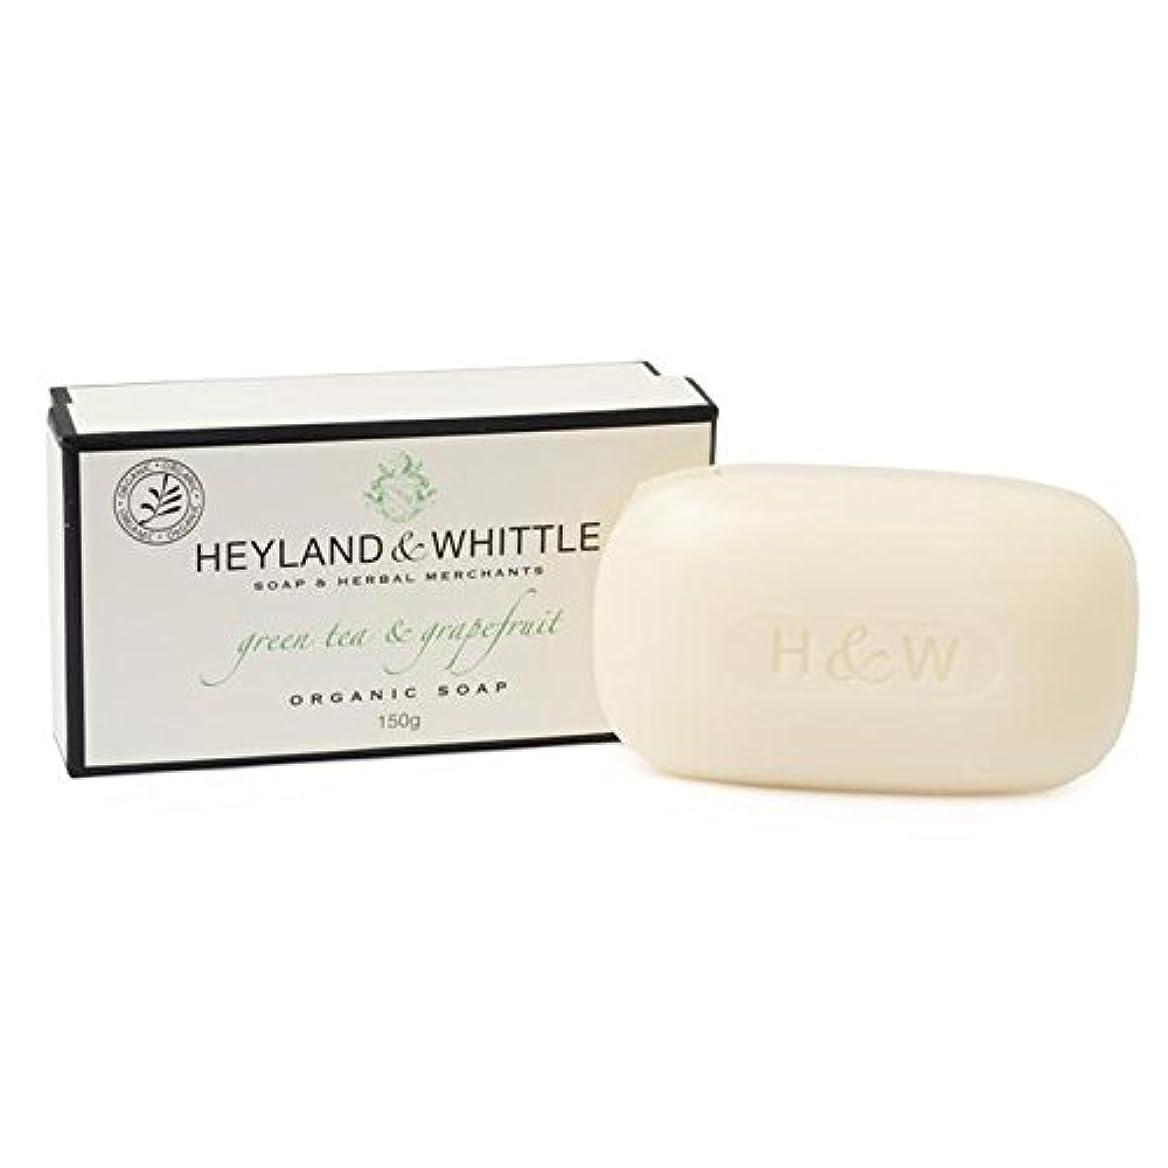 遺跡相談する遺棄された&削る緑茶&グレープフルーツはオーガニックソープ150グラム箱入り x4 - Heyland & Whittle Green Tea & Grapefruit Boxed Organic Soap 150g (Pack...